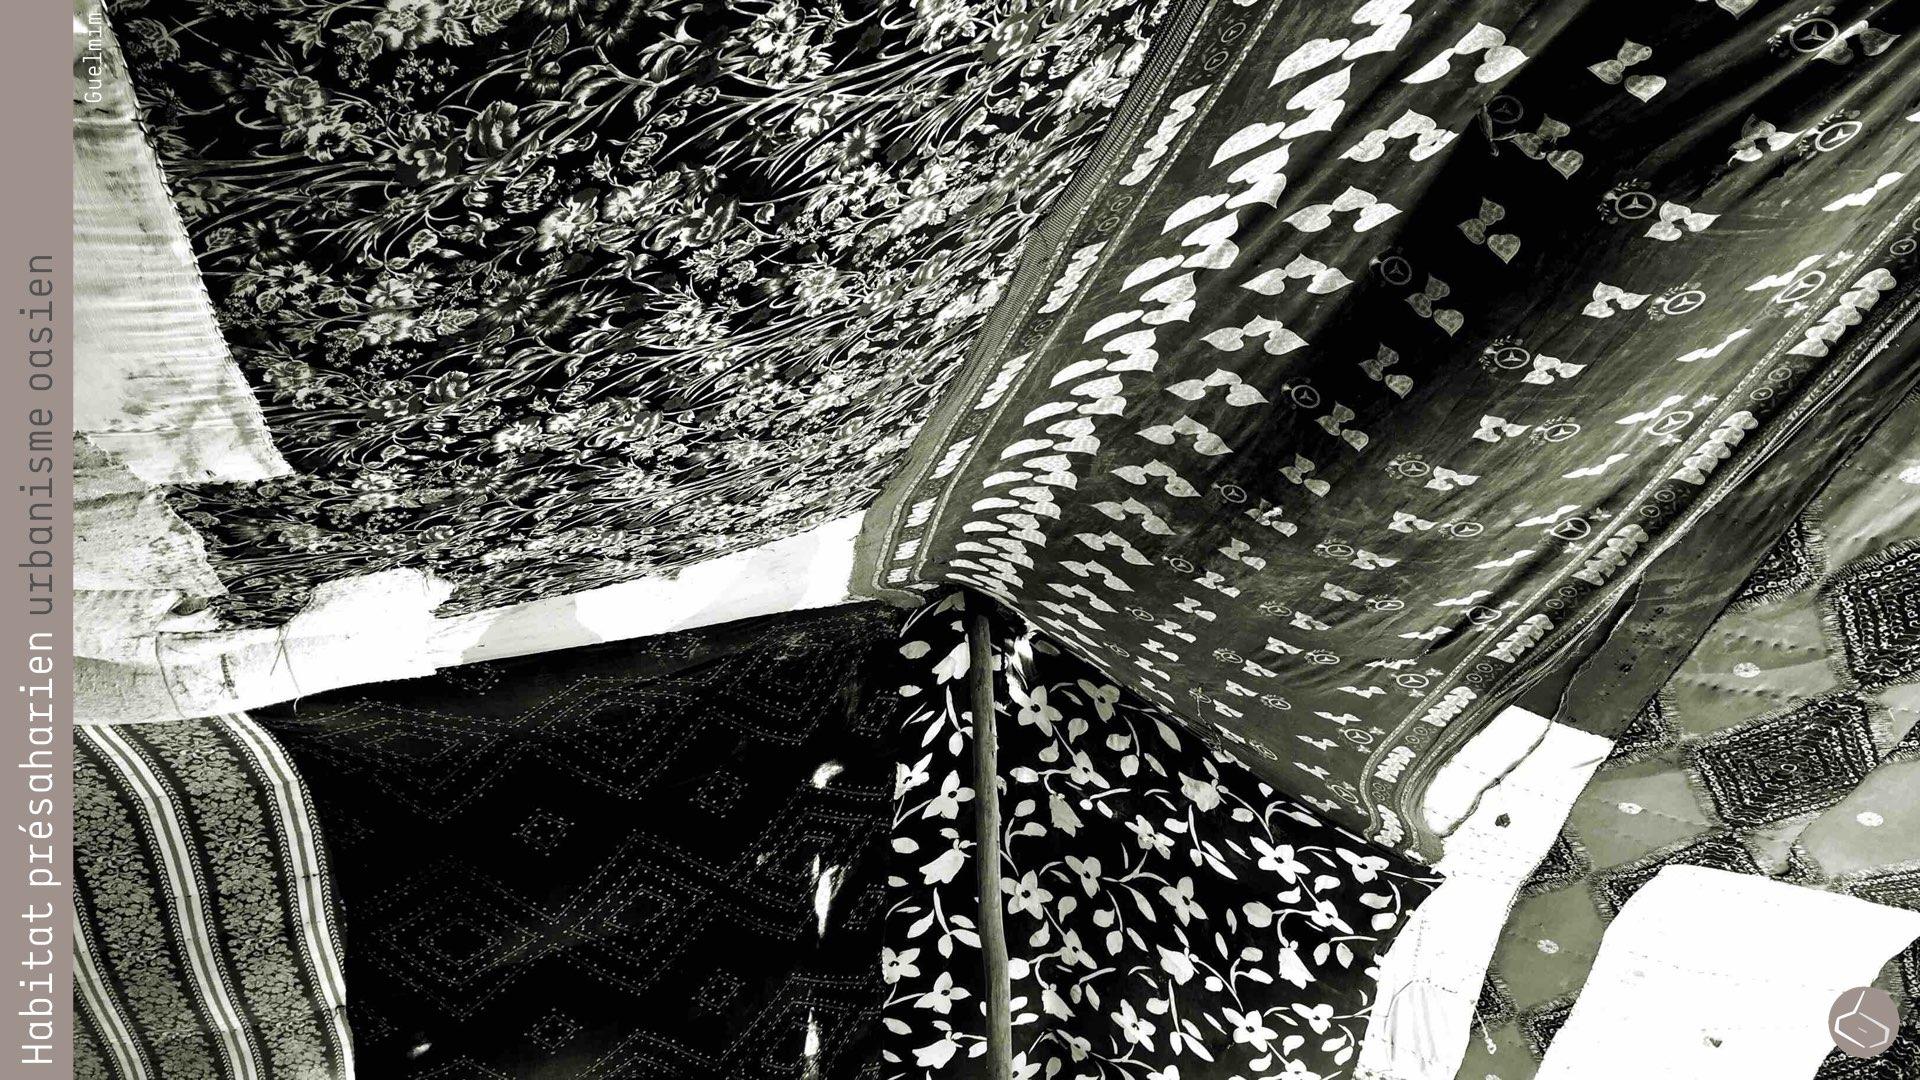 39. Parfois, ils ont besoin de tentes plus légères et faciles à monter et démonter, pour cela ils réutilisent des tissus pour fabriquer des tentes a double, ou même triple, couche, en fonction des performances requises. Ce tissu peut aussi être étanche, en rajoutant une couche en plastique (par exemple avec des grands sacs en plastiques usés dans l'agriculture).       39. Sometimes they need tents more light and easy to assemble and disassemble, for that reason they recycle fabrics to make tents with double or even triple layer, depending on the required performance. This fabric can also be waterproof, by adding a plastic layer (for example, with large bags in plastic used in agriculture).